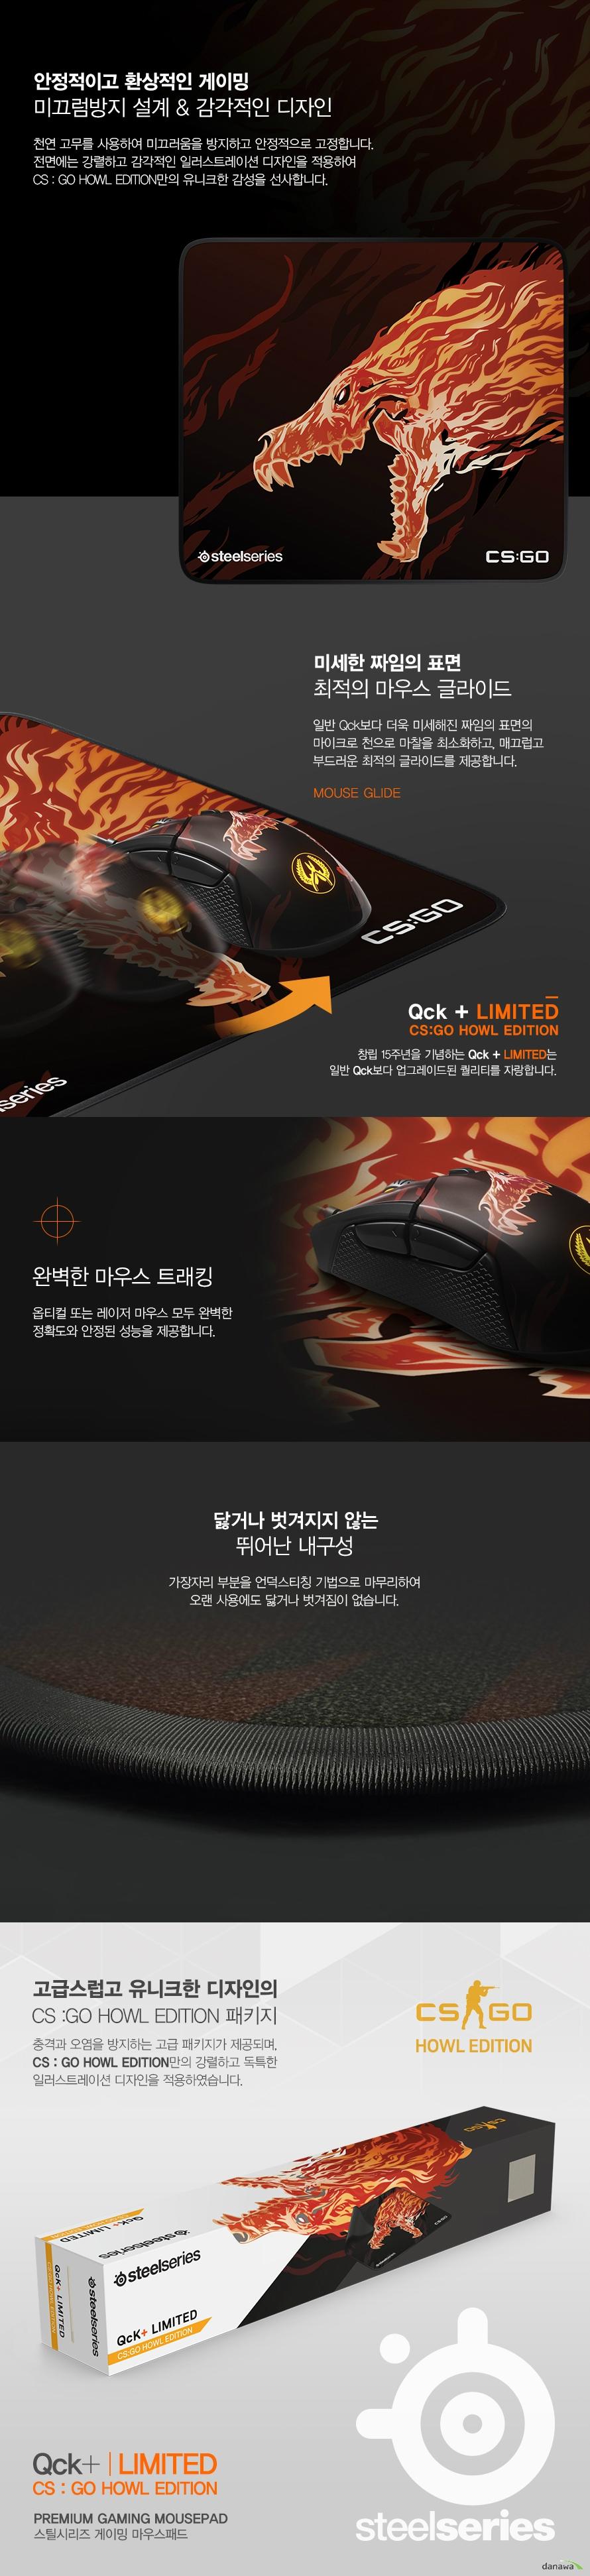 스틸시리즈  QCK+ Limited CS:GO Howl Edition